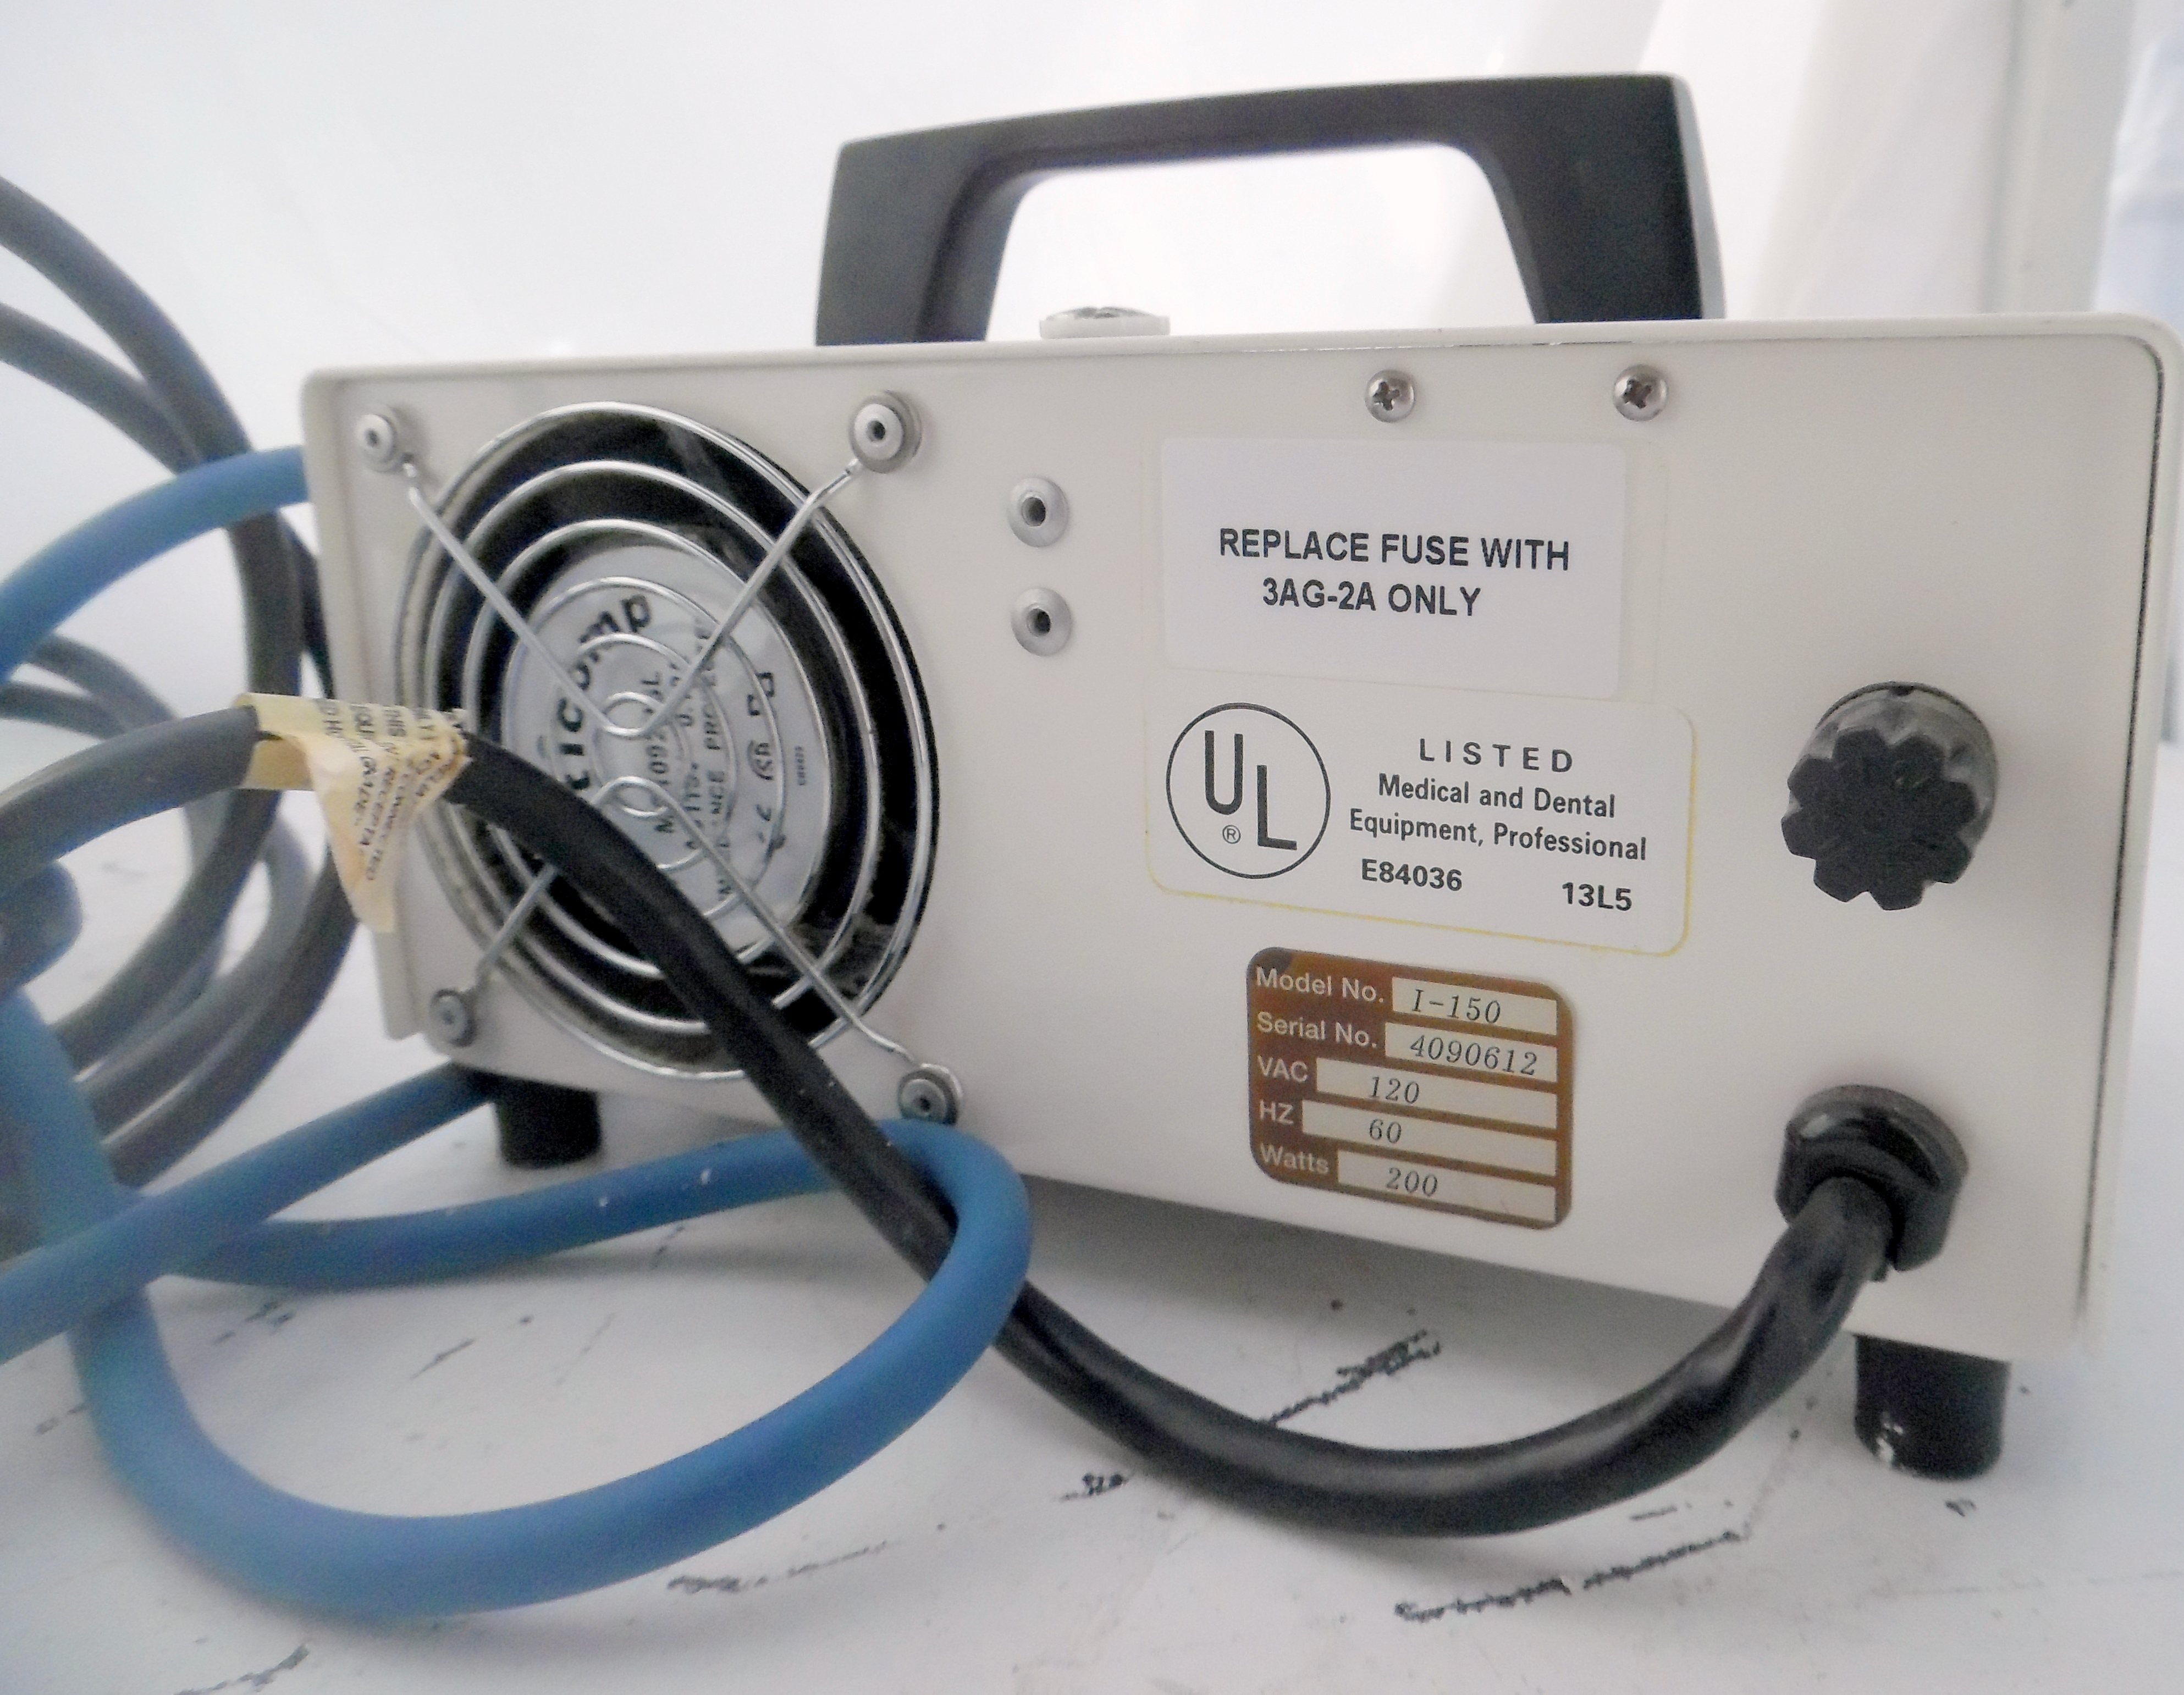 Lot 37 - Cuda Model I-150 Light Source 120V 200 Watts